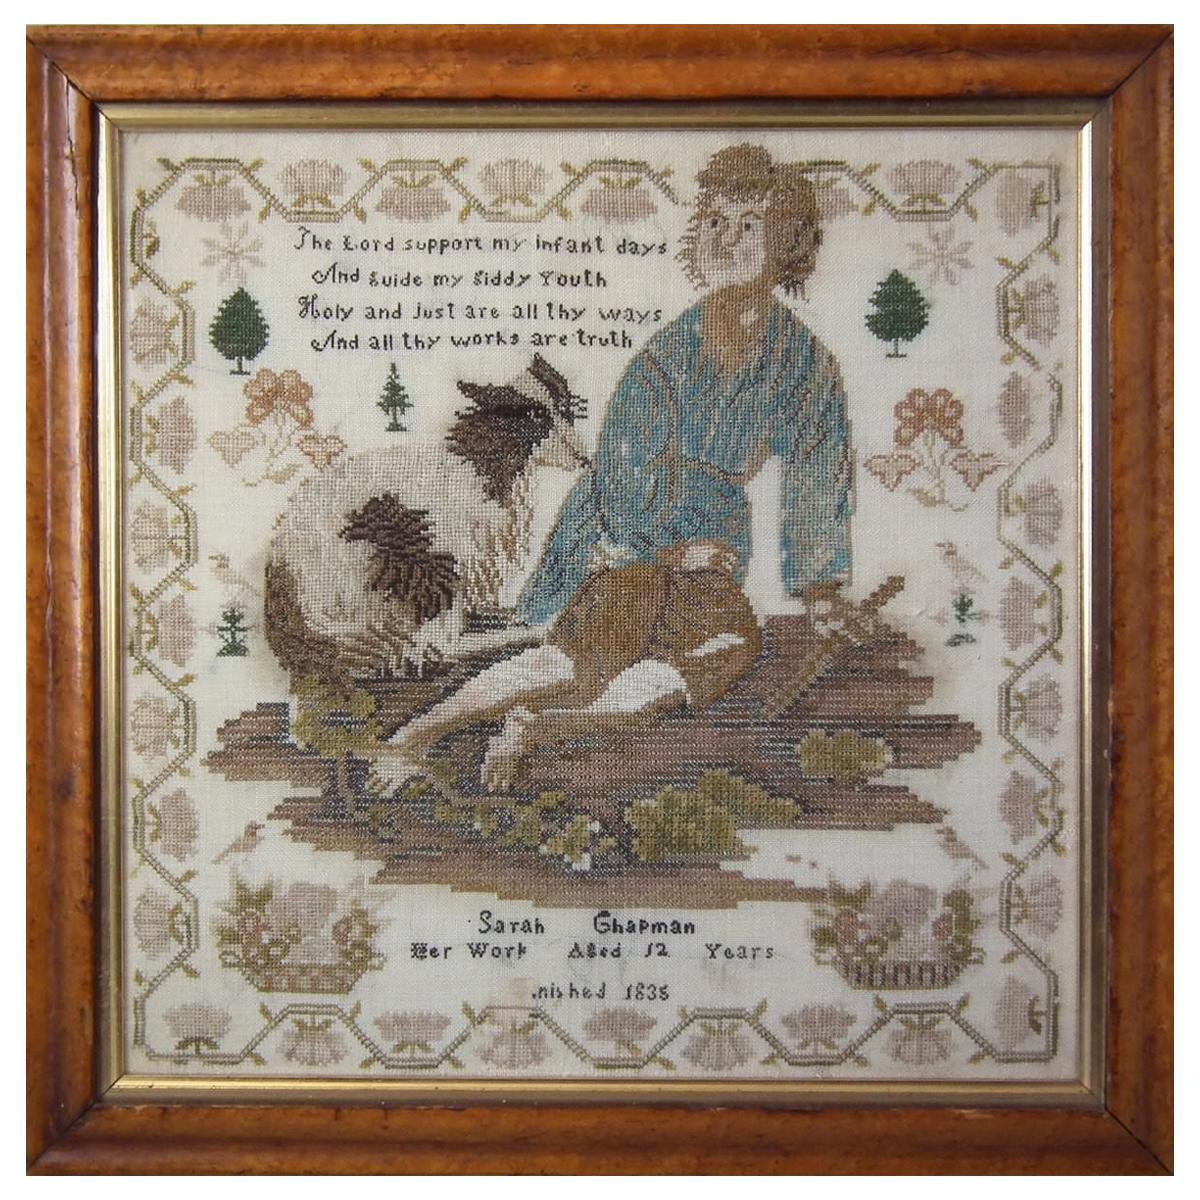 Antique Sampler, 1838, by Sarah Chapman